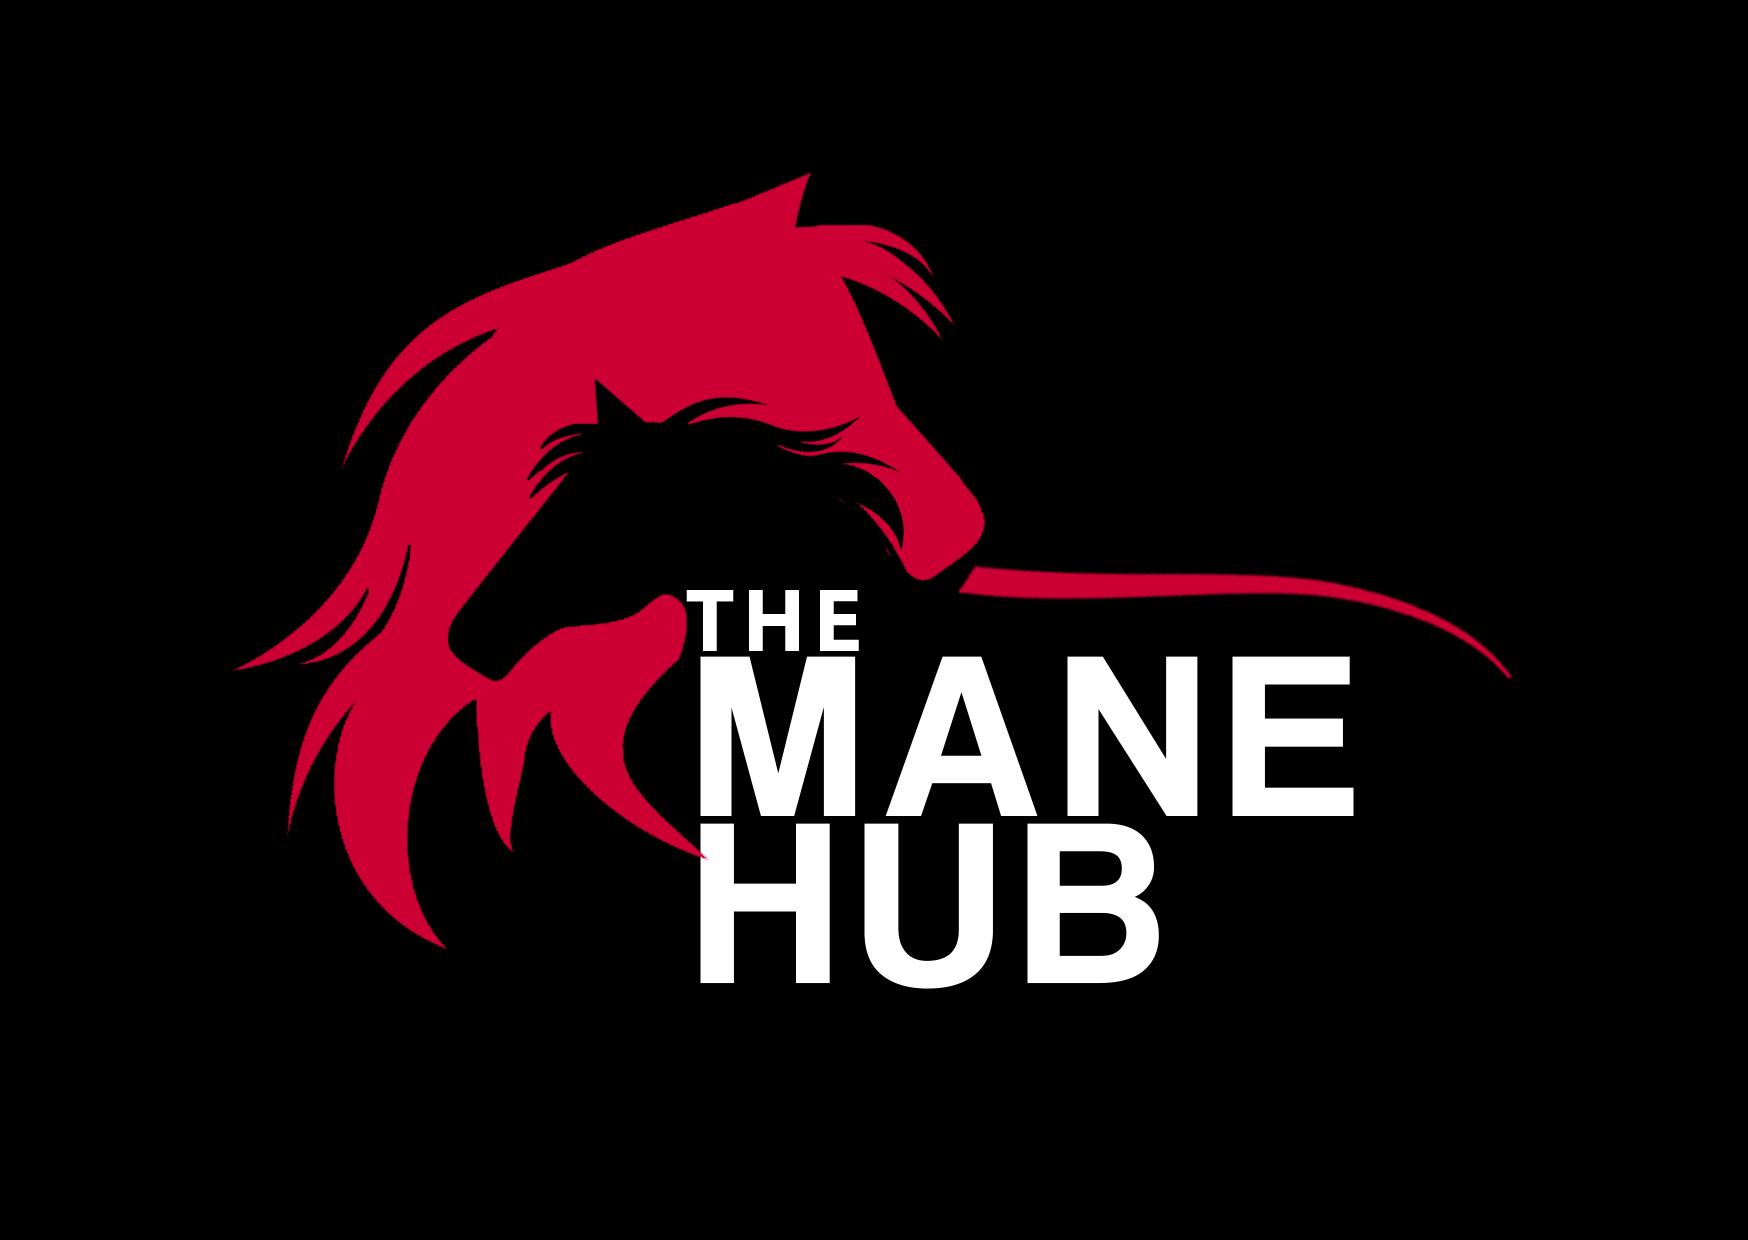 The Mane Hub